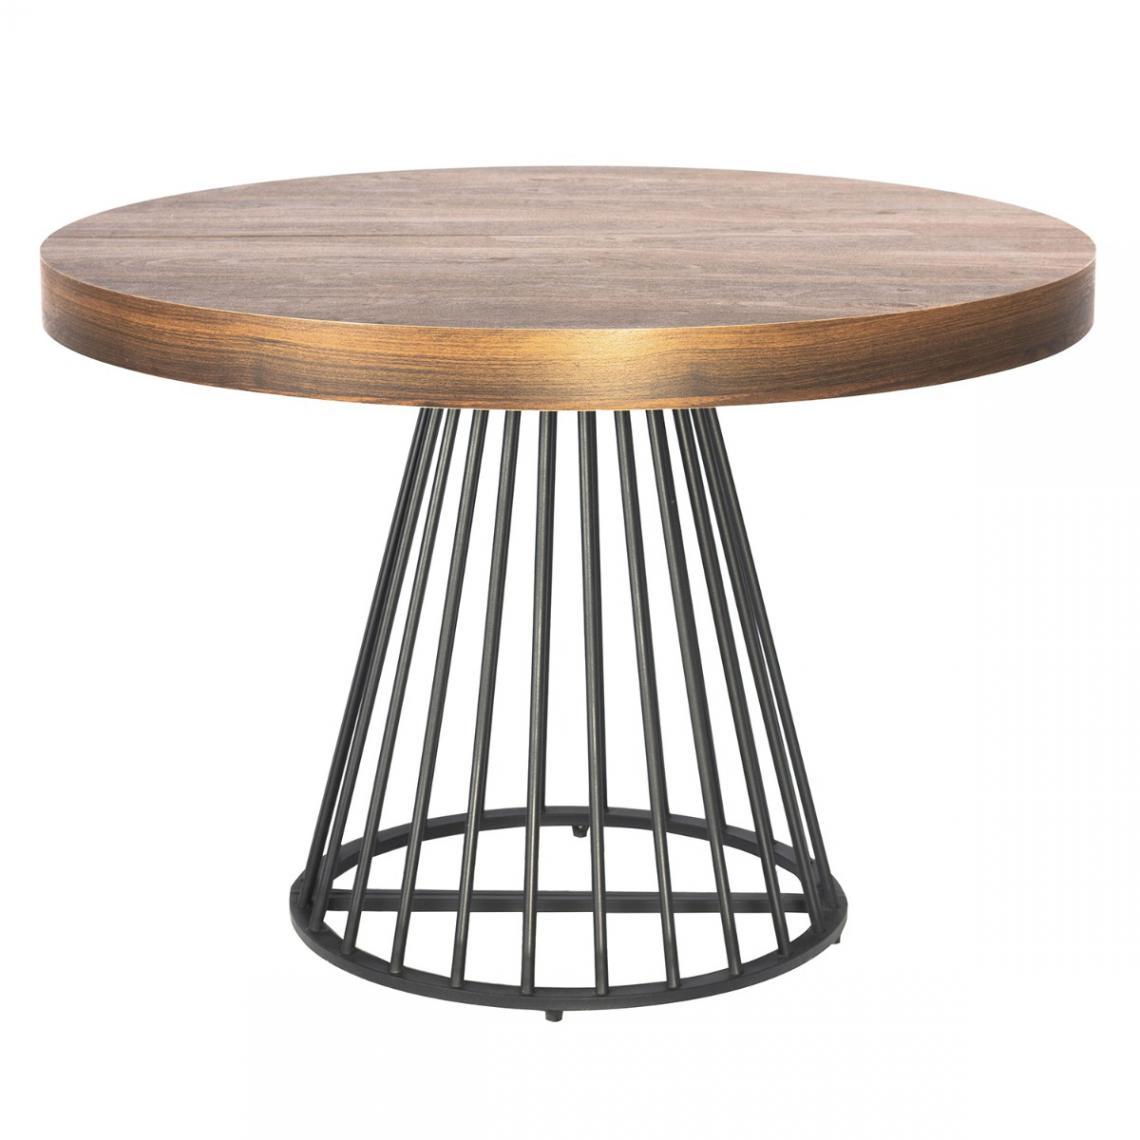 table ronde extensible grivery bois noisette pieds noir